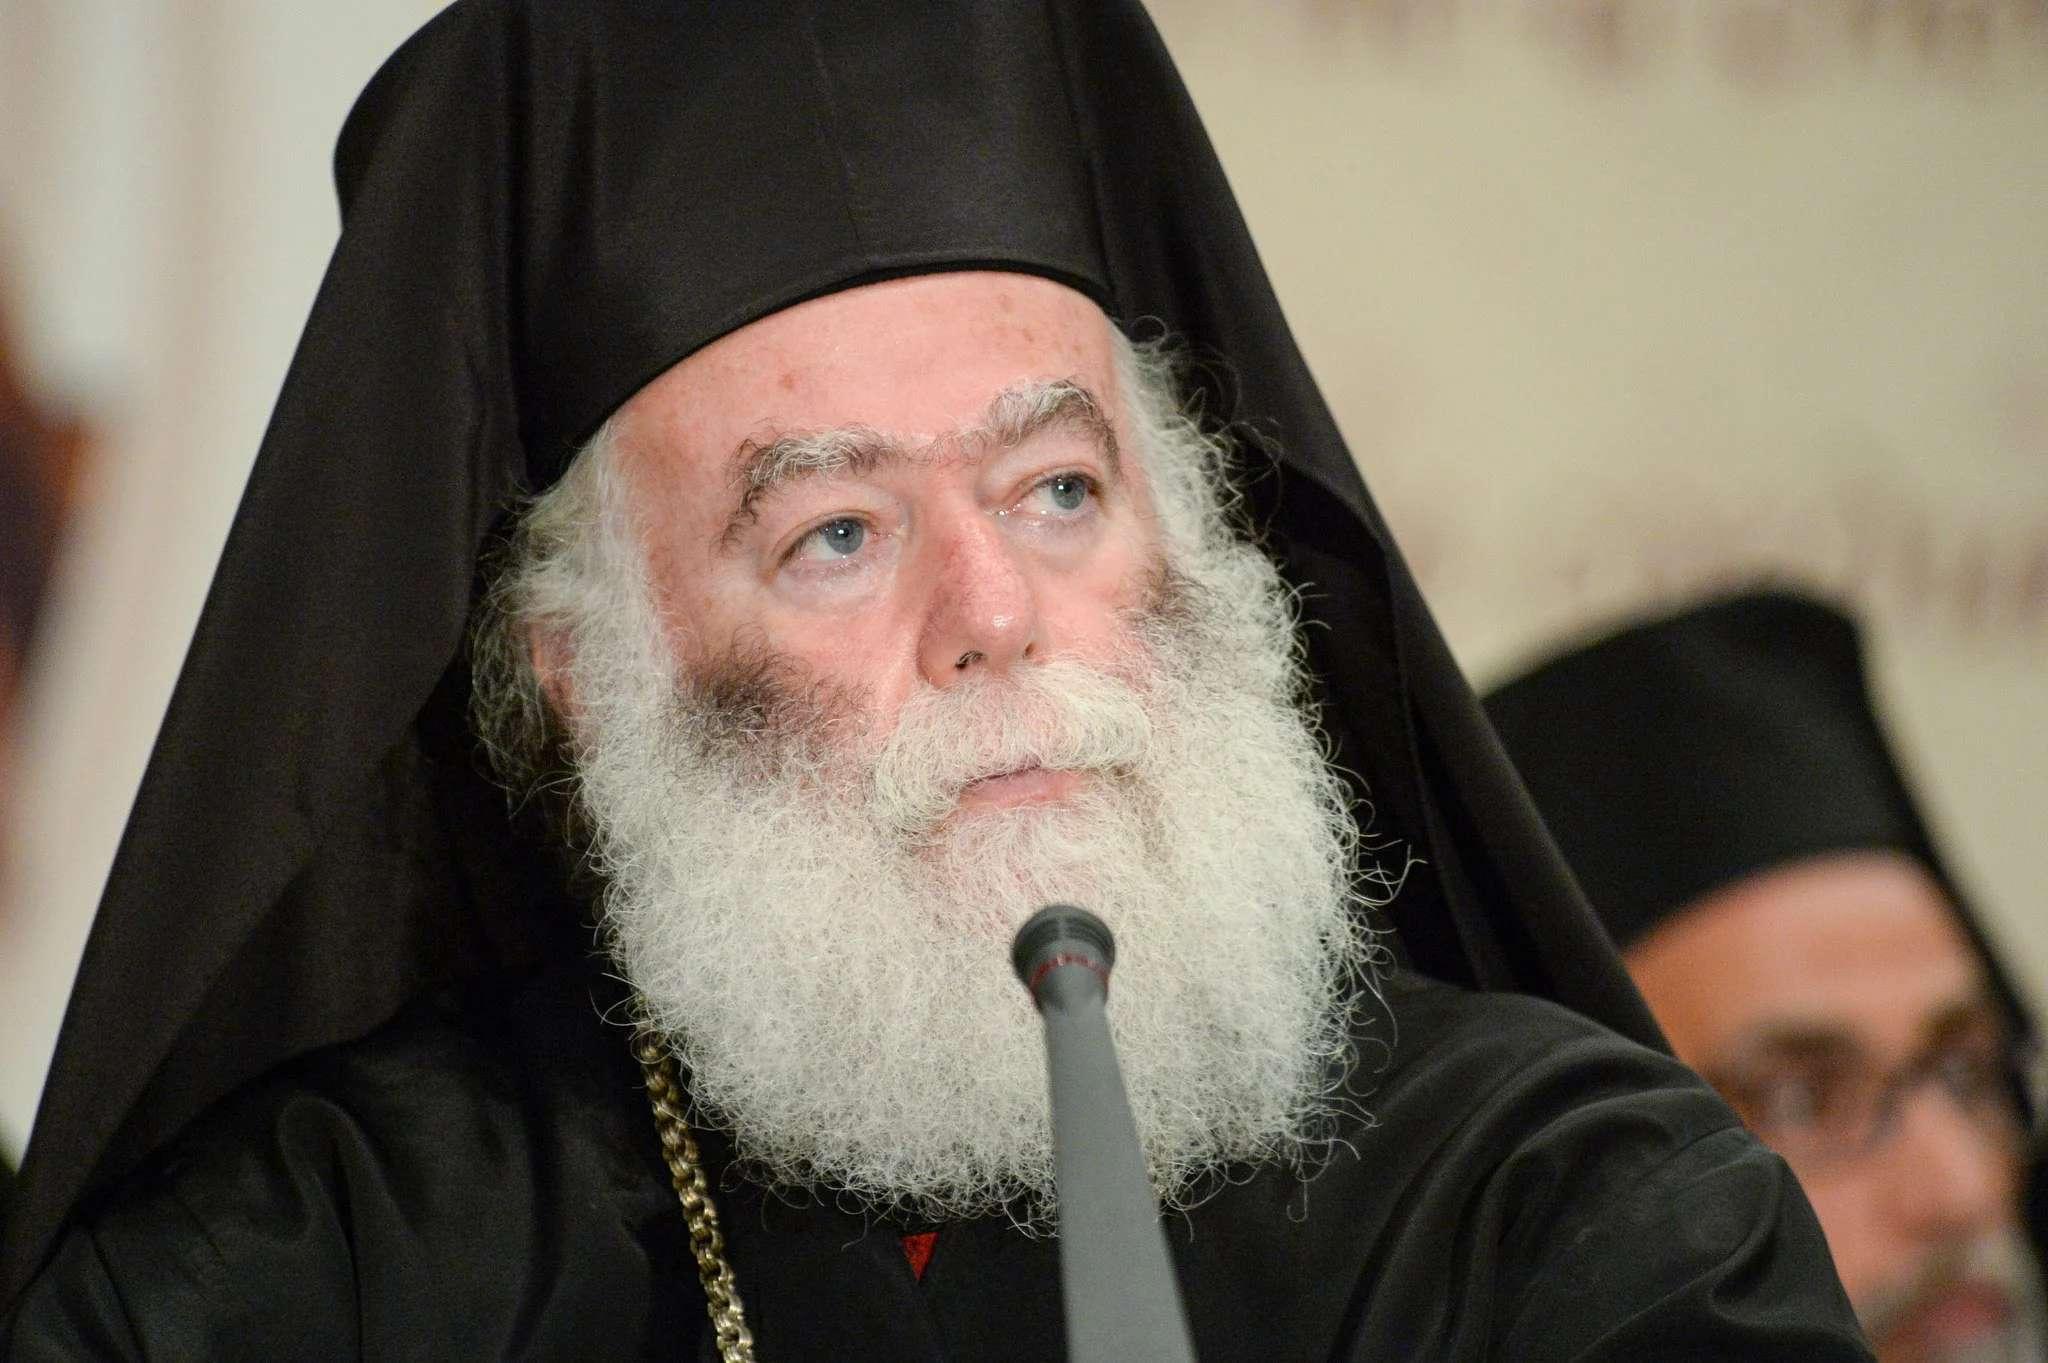 Πατριάρχης Αλεξανδρείας: Η επίσκεψη Μητσοτάκη στη Λιβύη θα δώσει το μήνυμα της ειρήνης